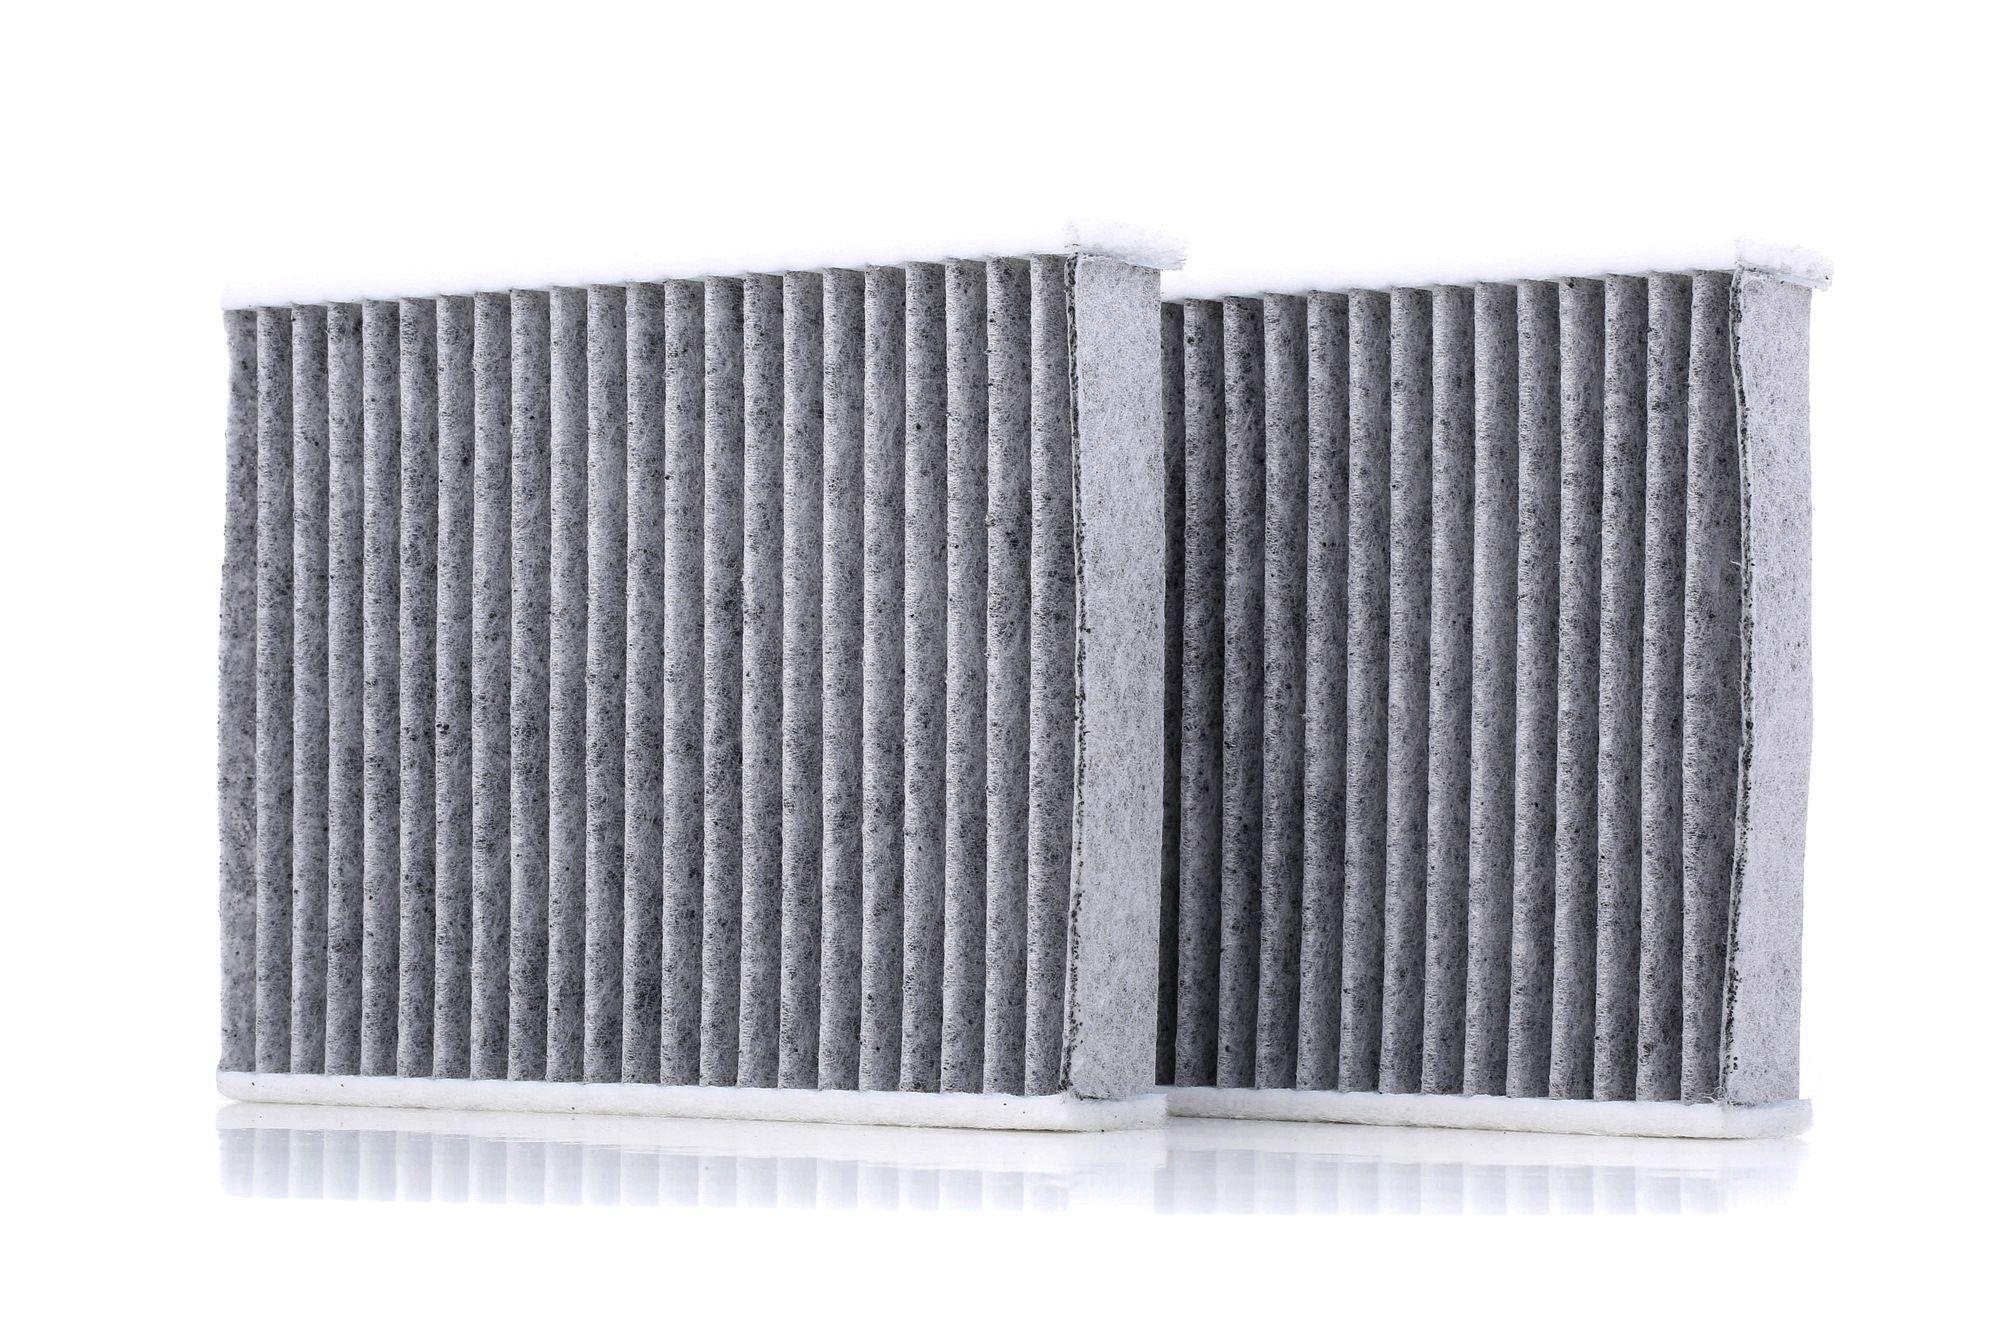 54.104.00 UFI Charcoal Filter Width: 139,0mm, Height: 30,0mm, Length: 175,0mm Filter, interior air 54.104.00 cheap